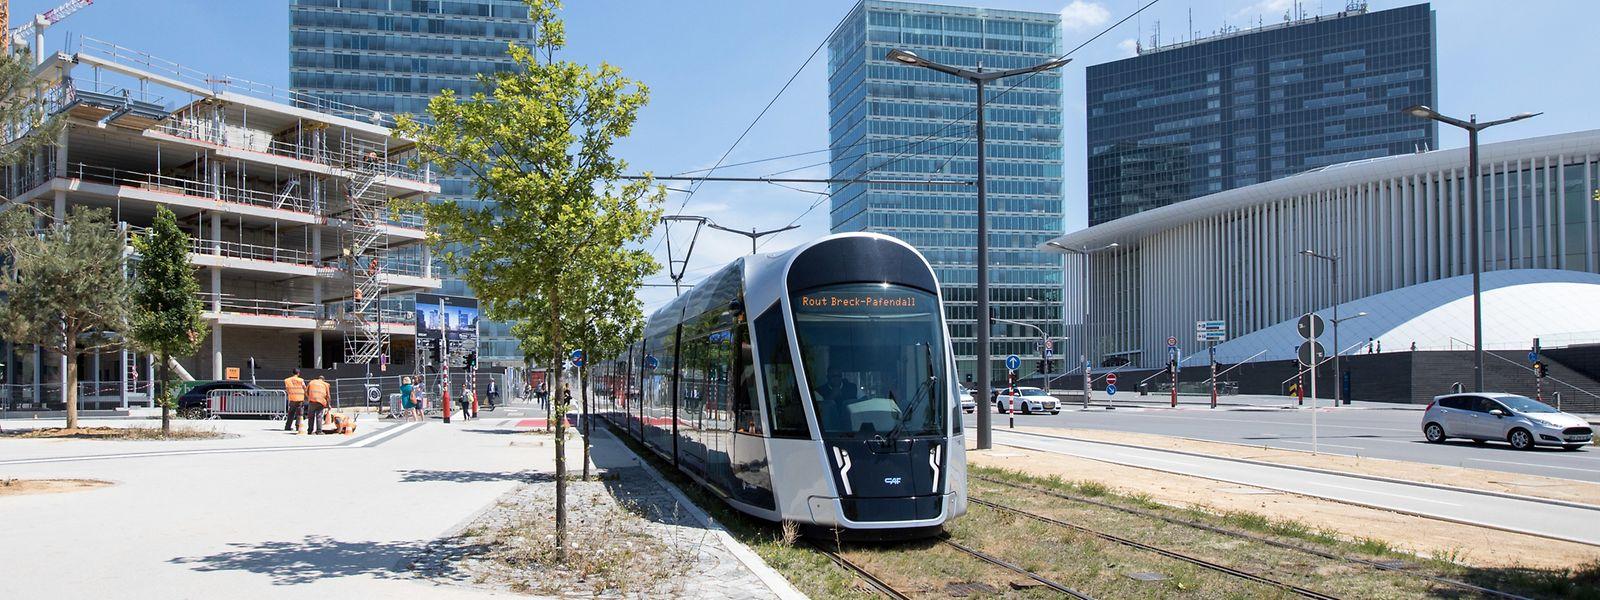 Nicht nur verkehrstechnisch, sondern auch urbanistisch habe sich mit der Tram in Kirchberg so einiges verändert, findet Infrastrukturminister François Bausch.